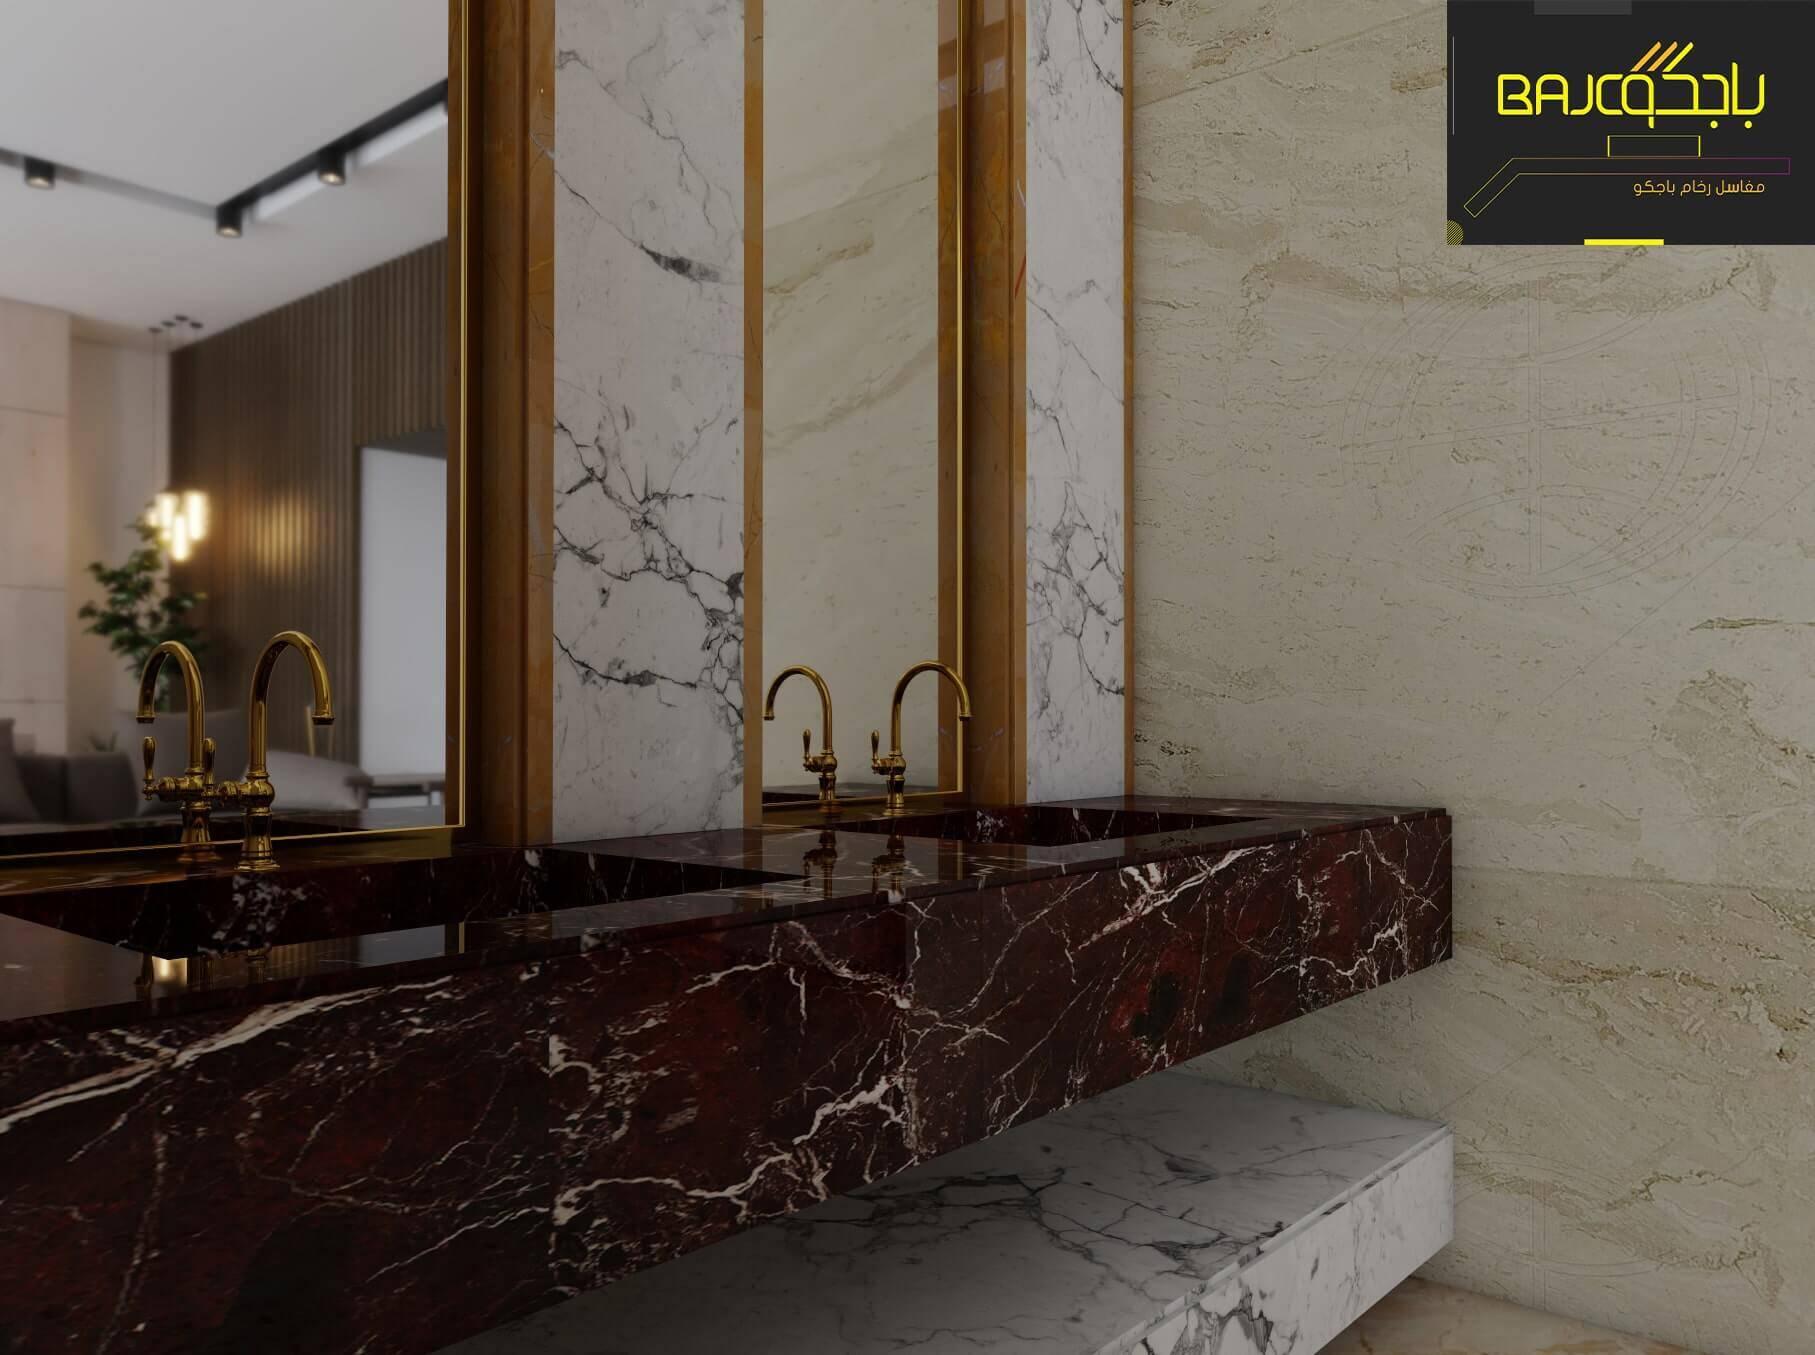 مغاسل رخام طبيعي باجكو لديكور الرخام تصاميم قابلة لتنفيذ 2021